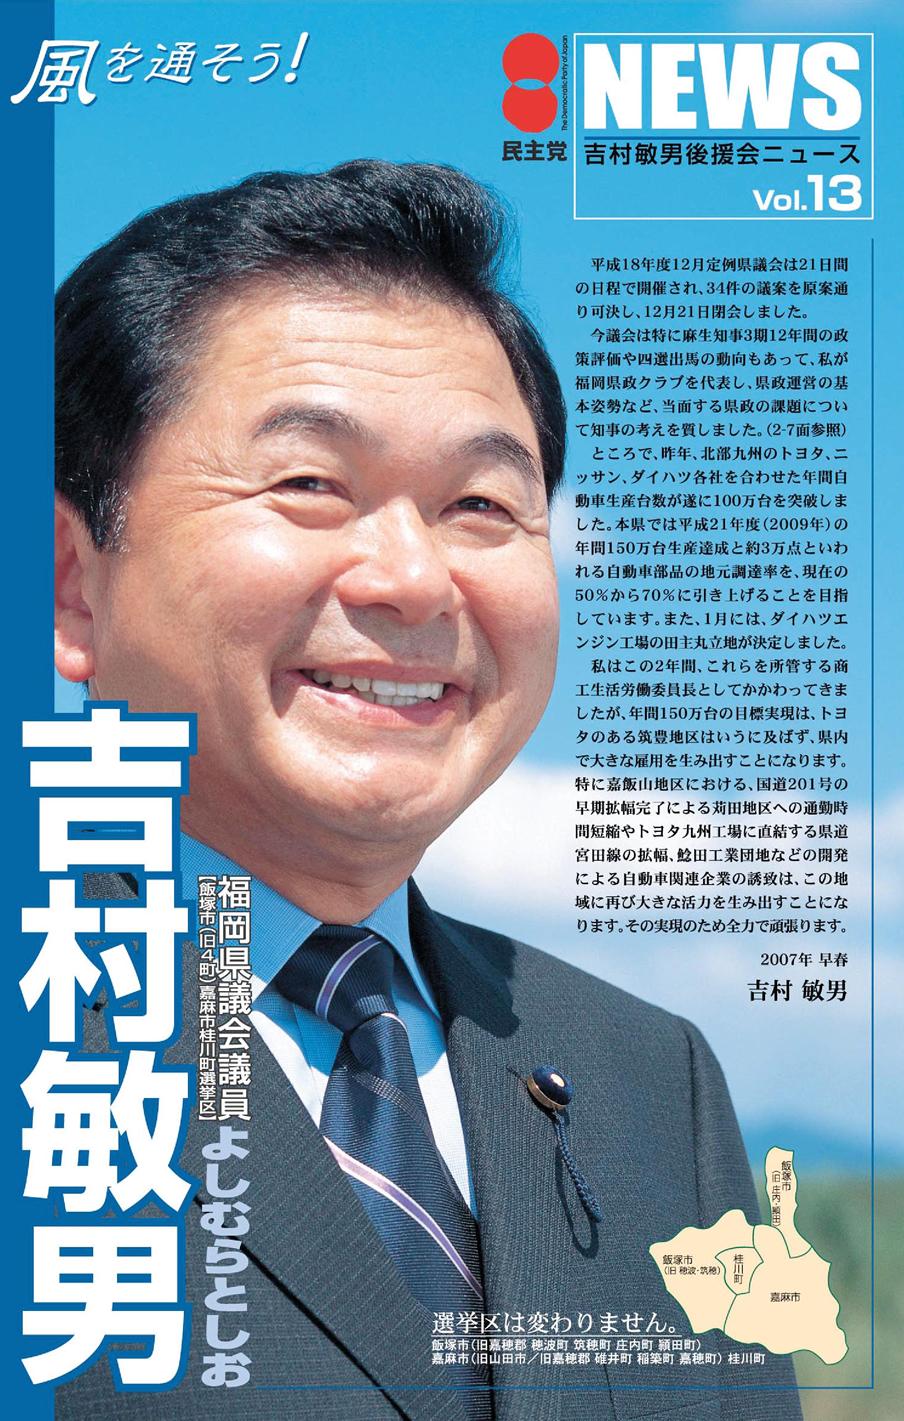 福岡県議会議員 吉村敏男 県政報告 第13号